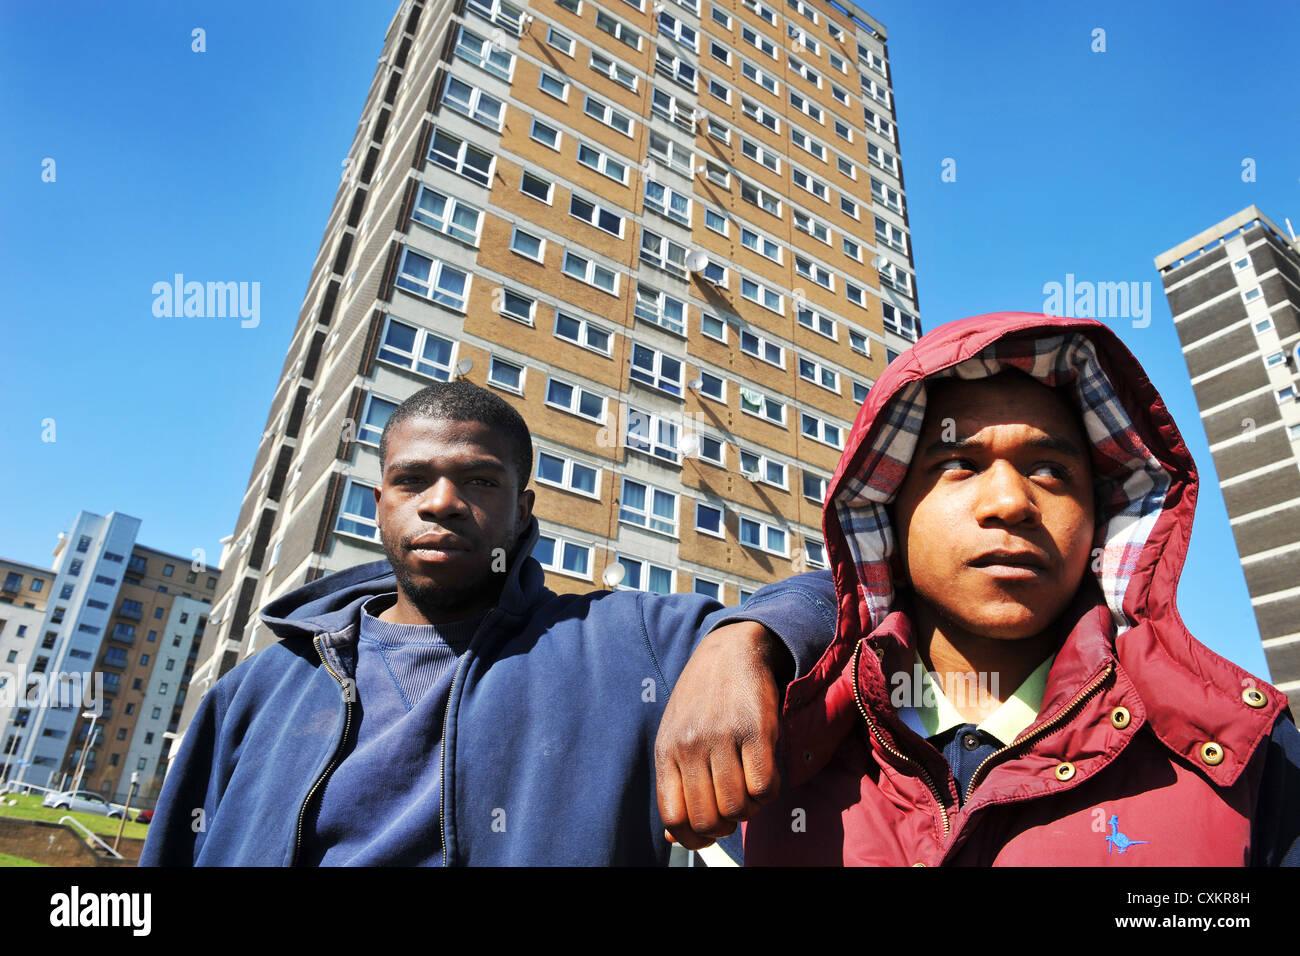 Jovens desempregados jovens Leeds REINO UNIDO Imagens de Stock